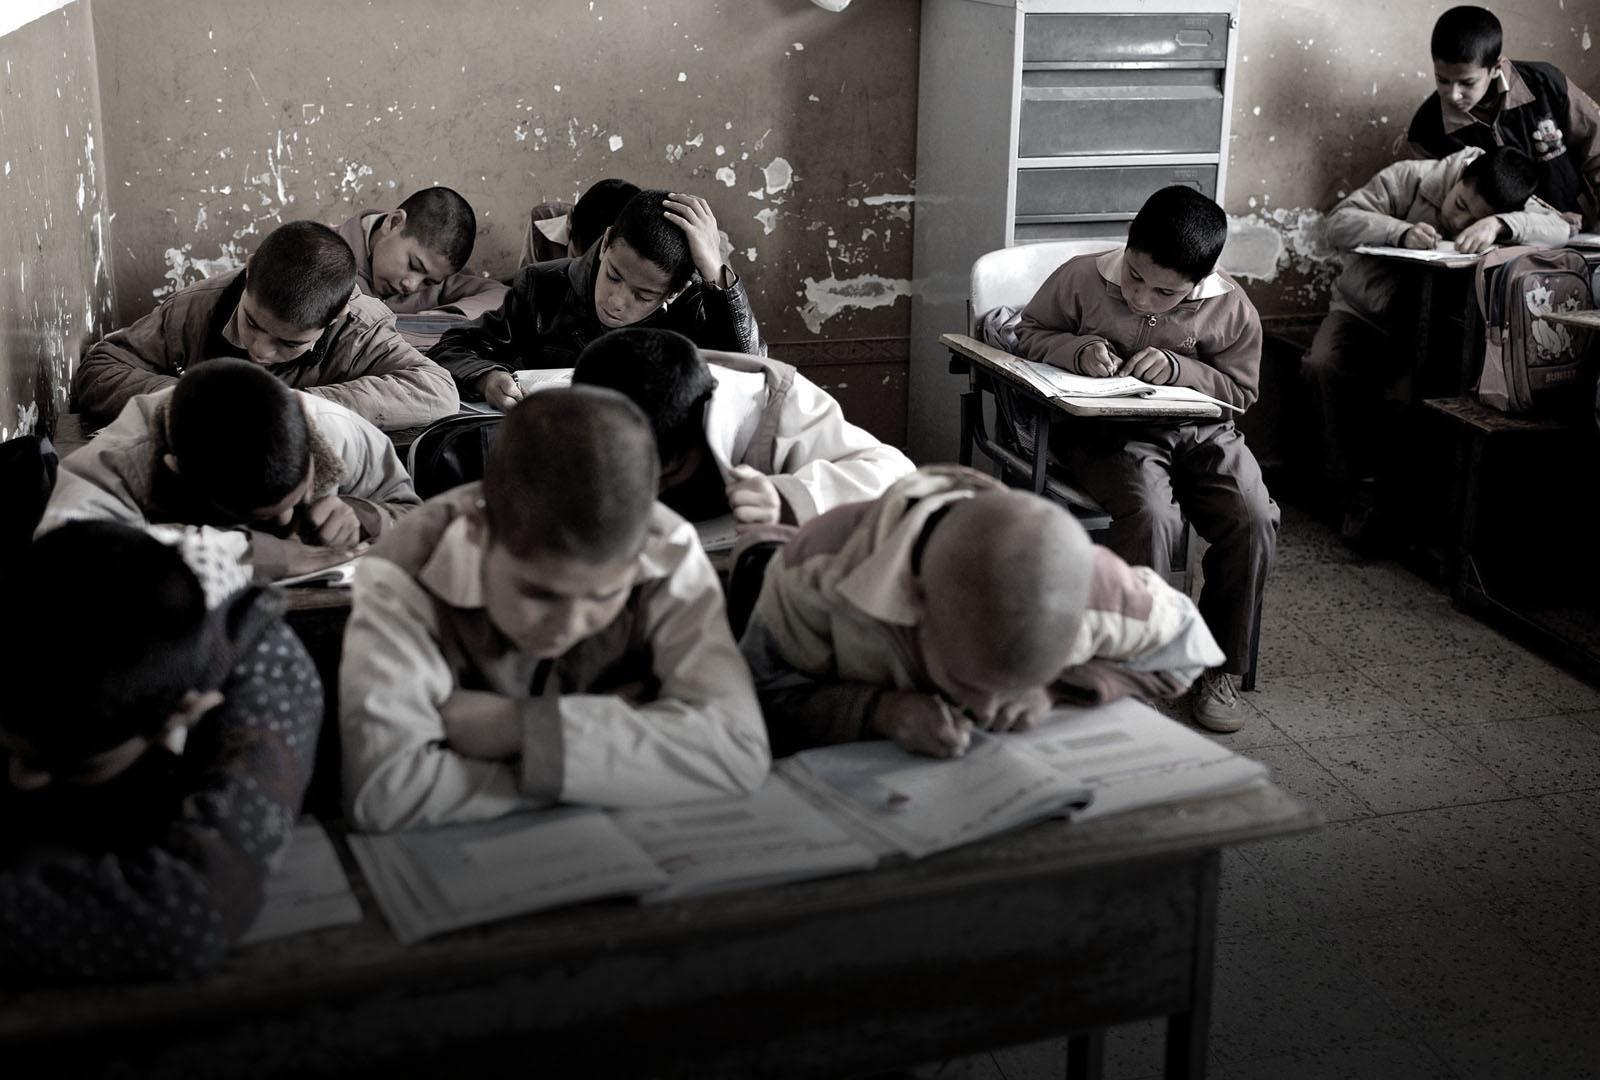 عملکرد ضعیف دانشآموزان ایرانی در ارزیابیهای جهانی